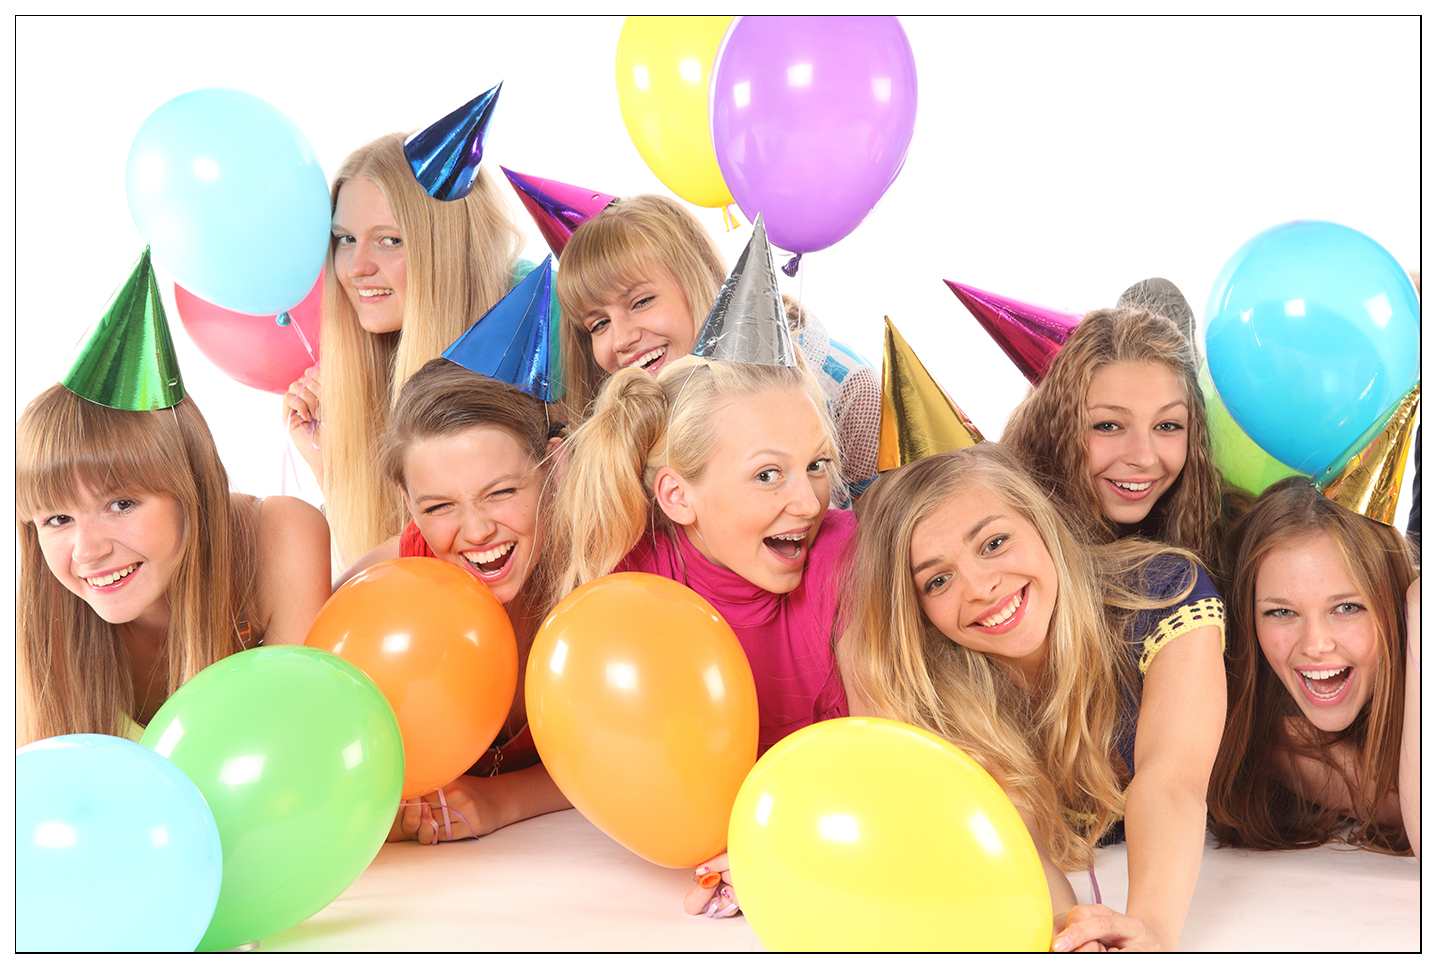 Конкурсы для детей на день рождения дома фото